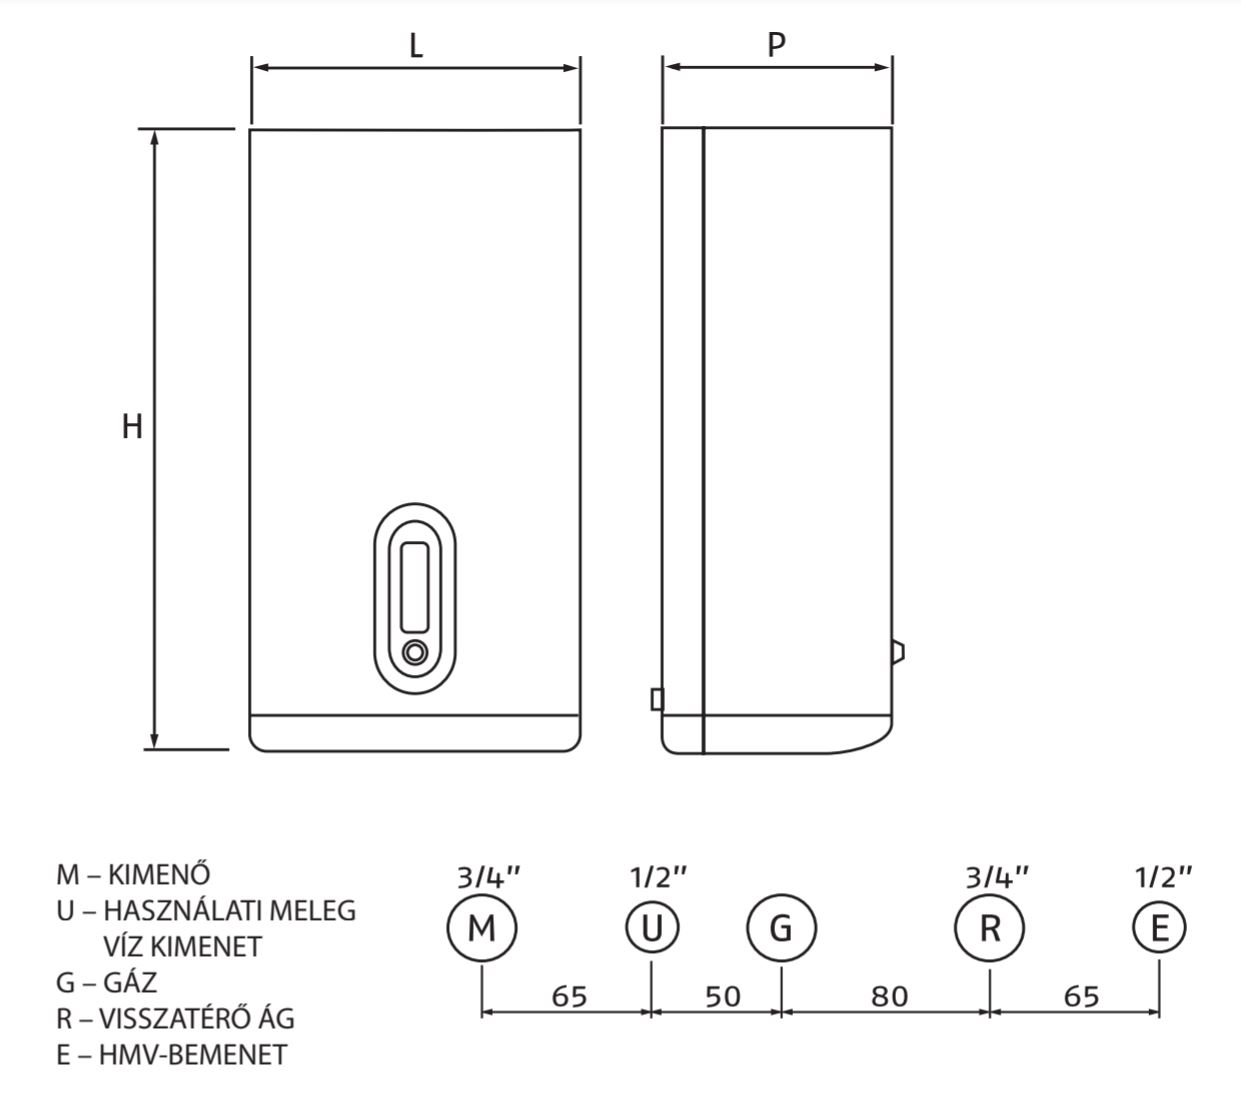 Riello Family Condens 2.5 KIS E MTN Fali kondenzációs kombi gázkazán 20 kW műszaki ábra